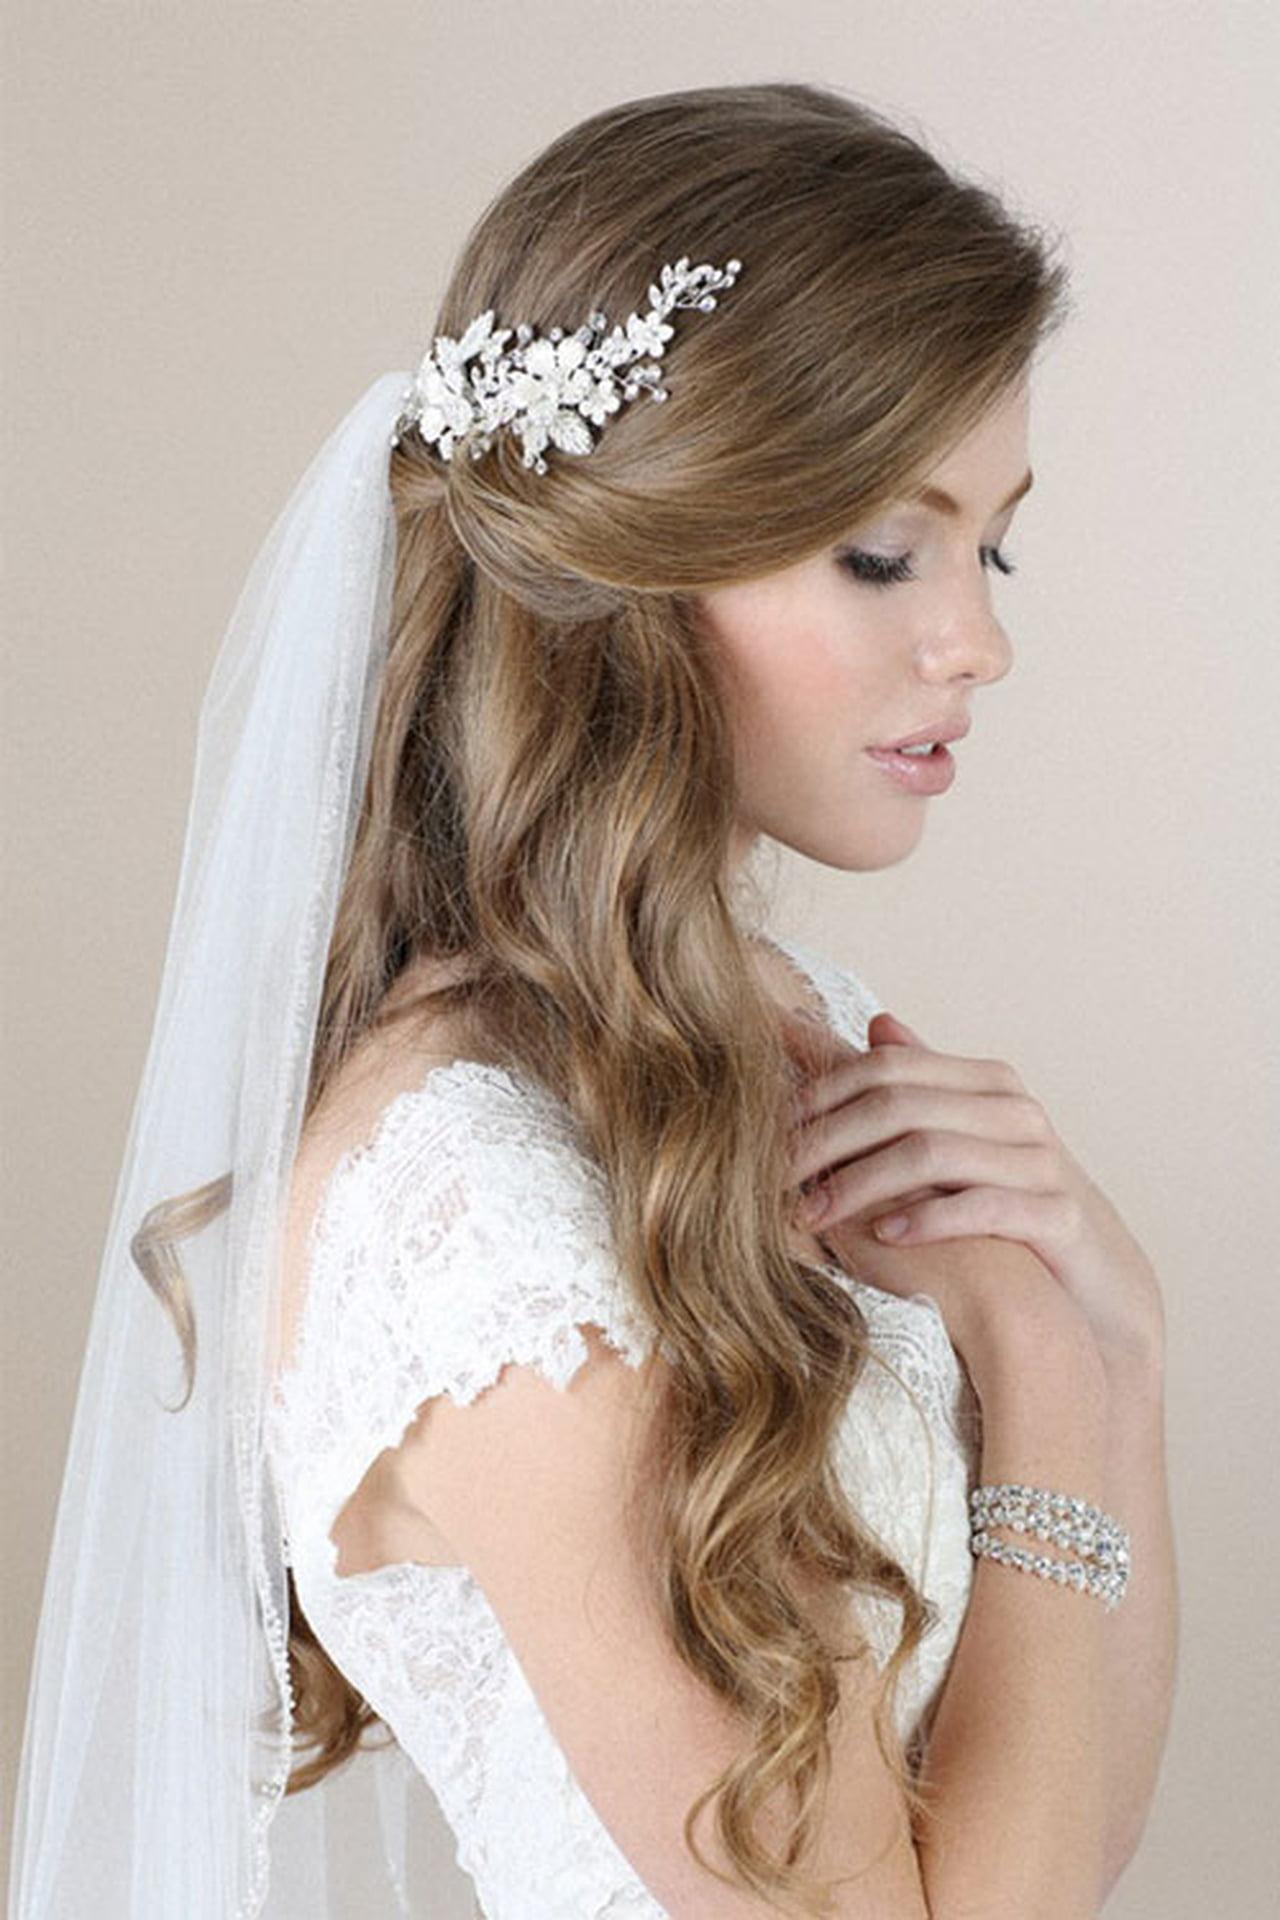 صور صور تسريحات عروس , اشيك صور للعروس بالتسريحات الرائعة